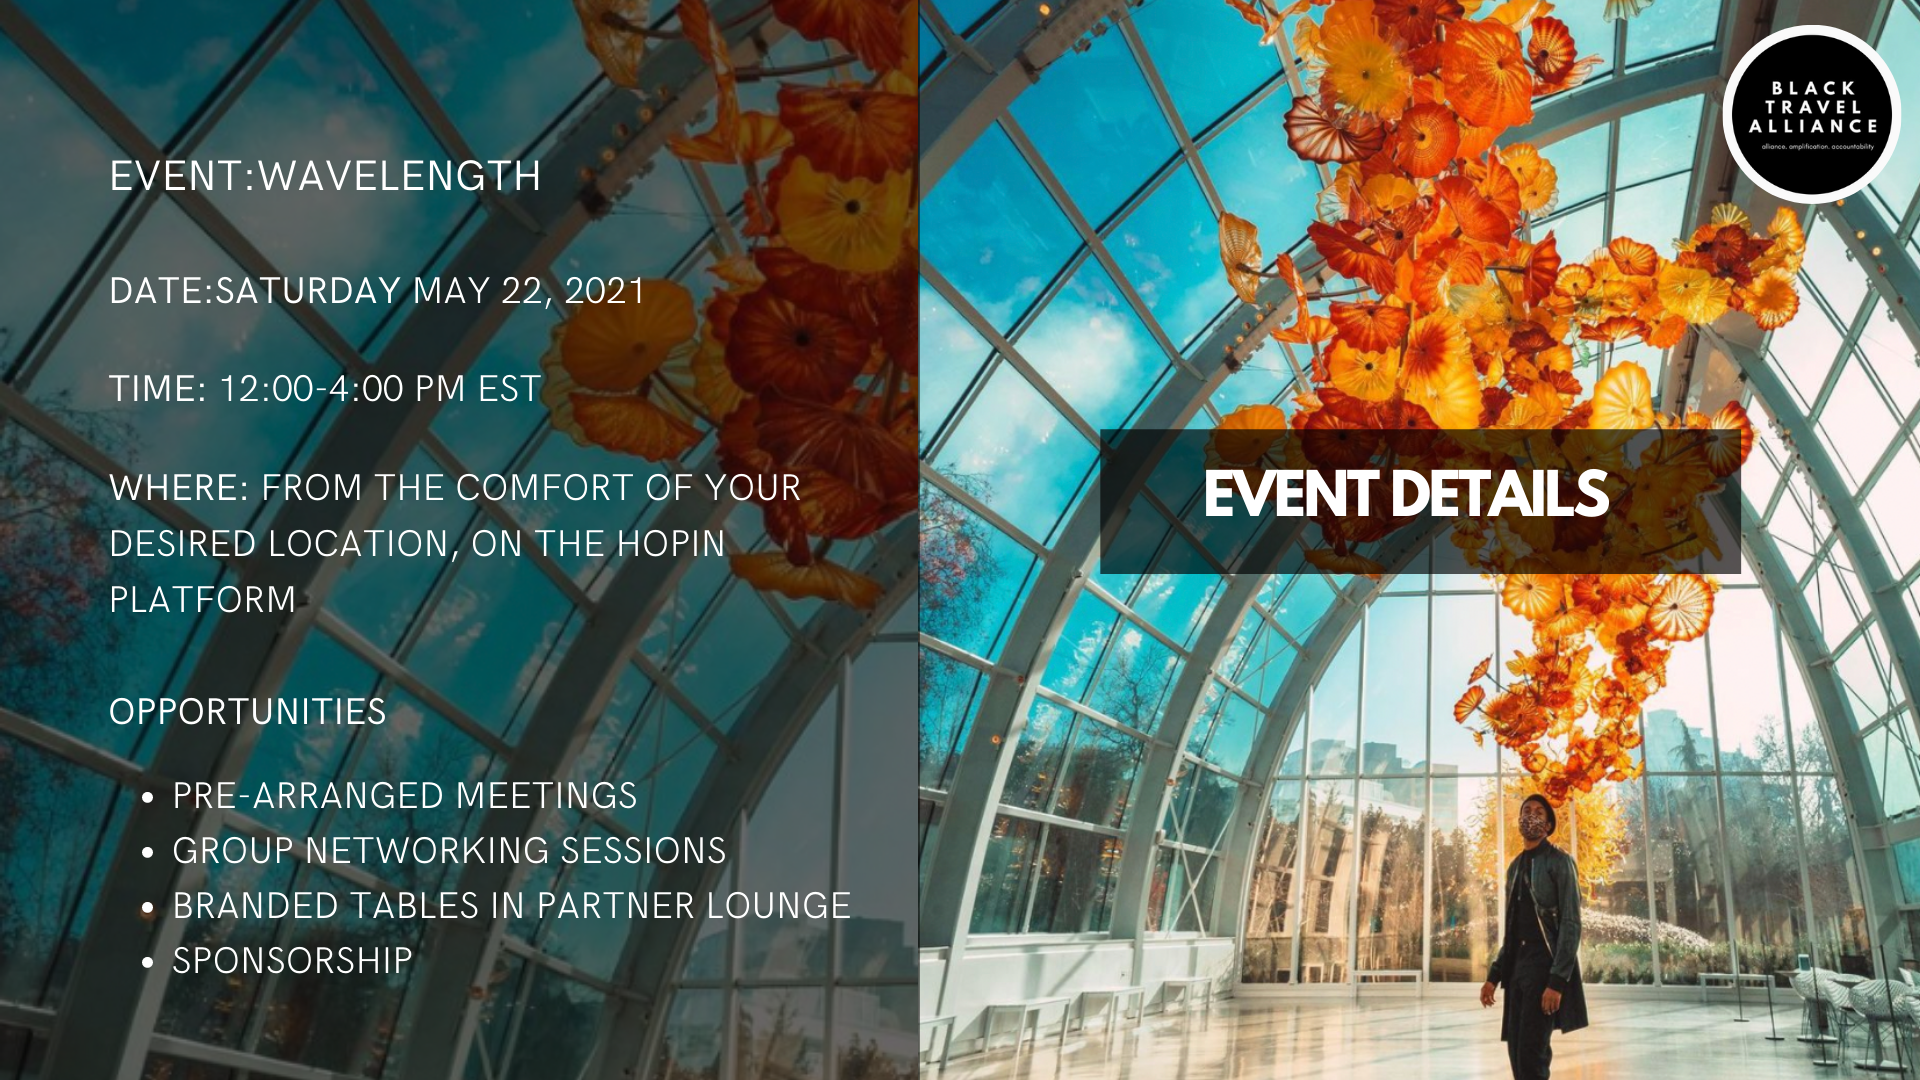 Wavelength 2 Event Details